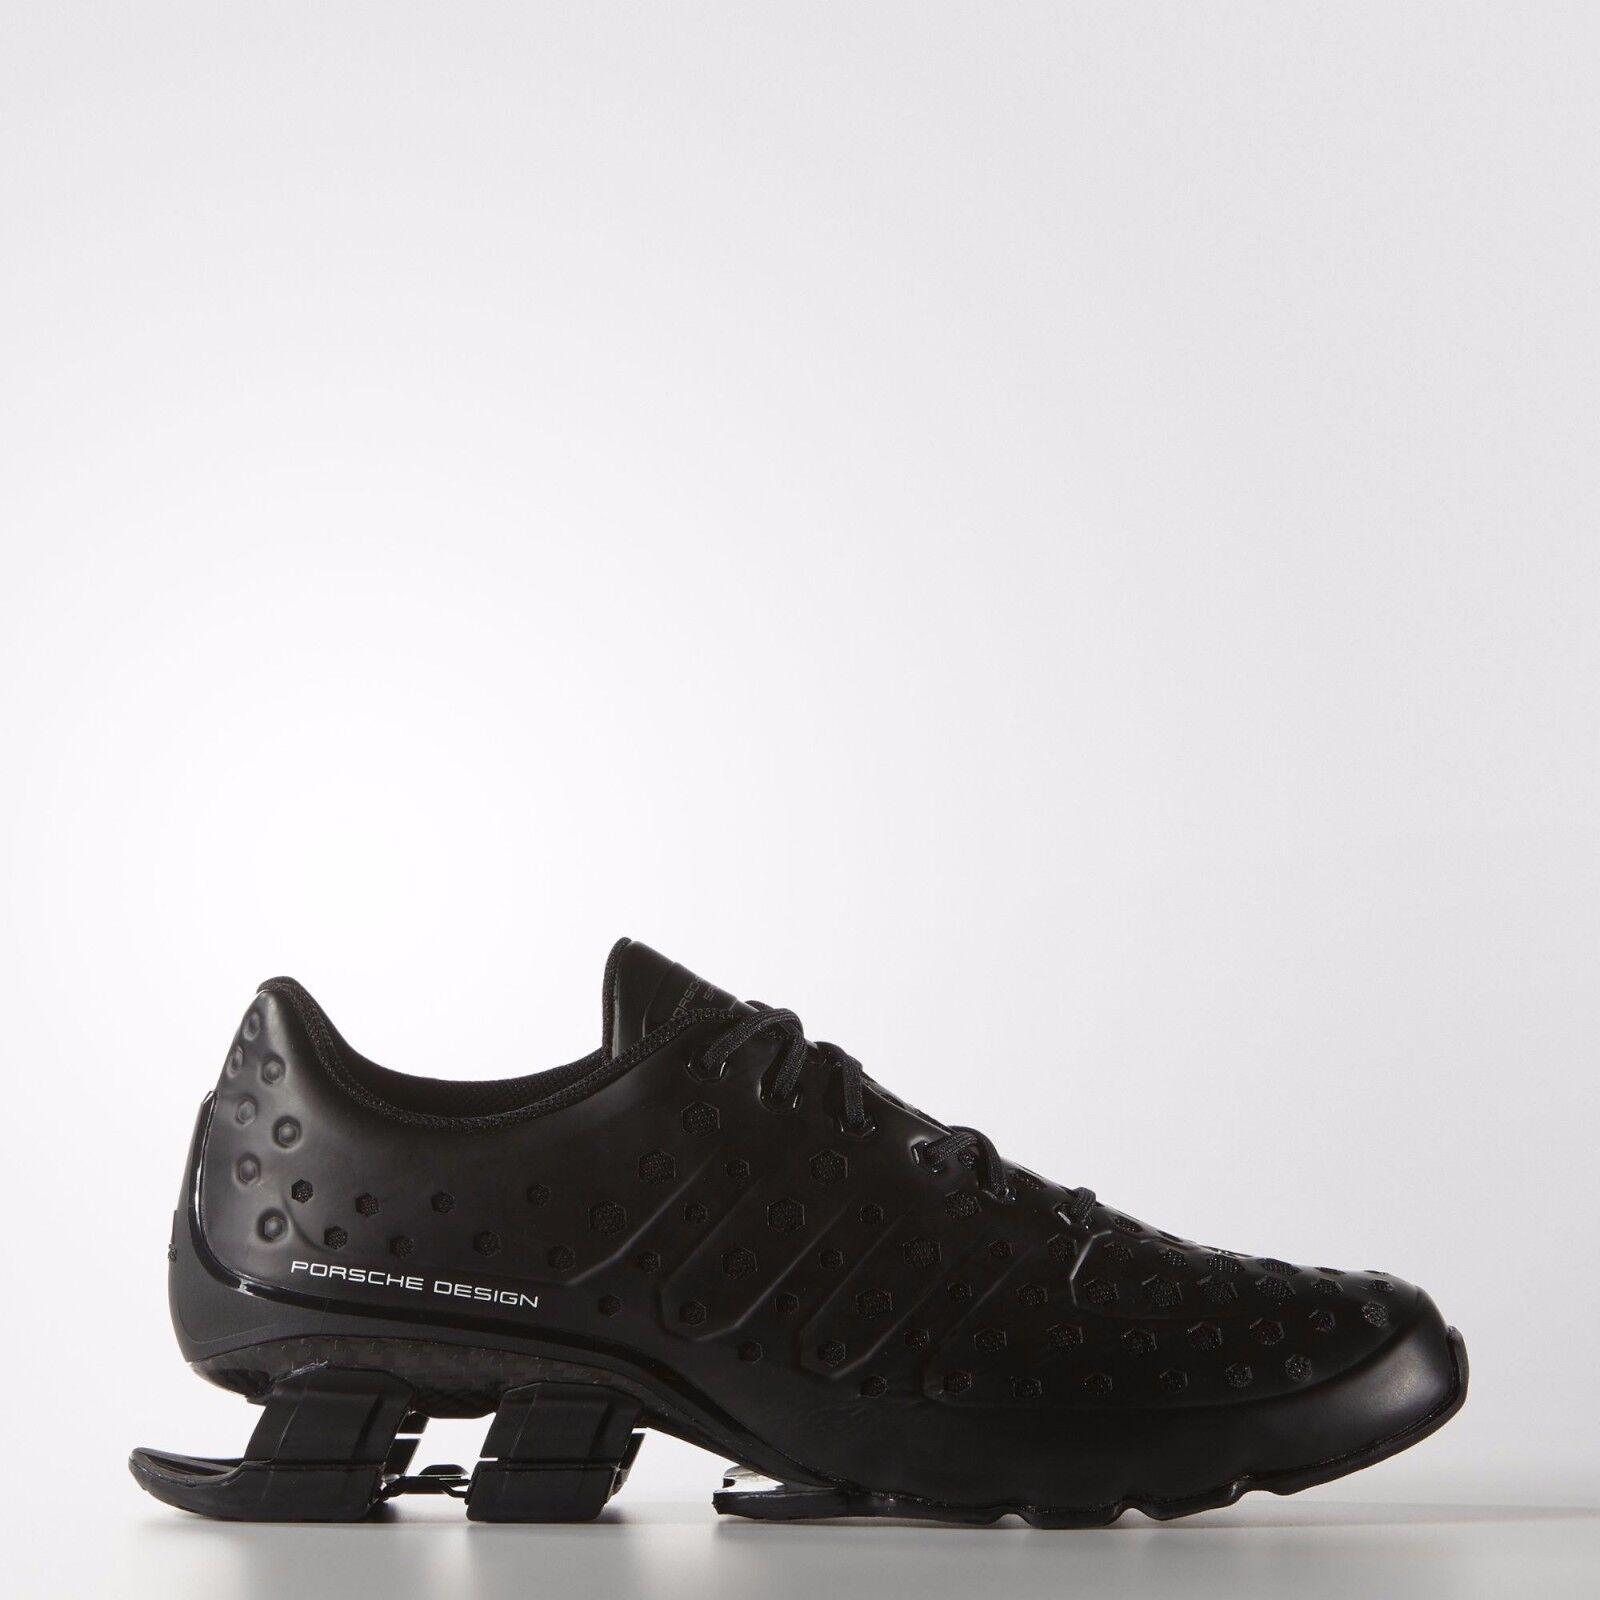 Adidas Porsche (AF4401) Design Sport P'5000 Bounce S4 2.0 Shoes (AF4401) Porsche Black size 9,5US 328cef